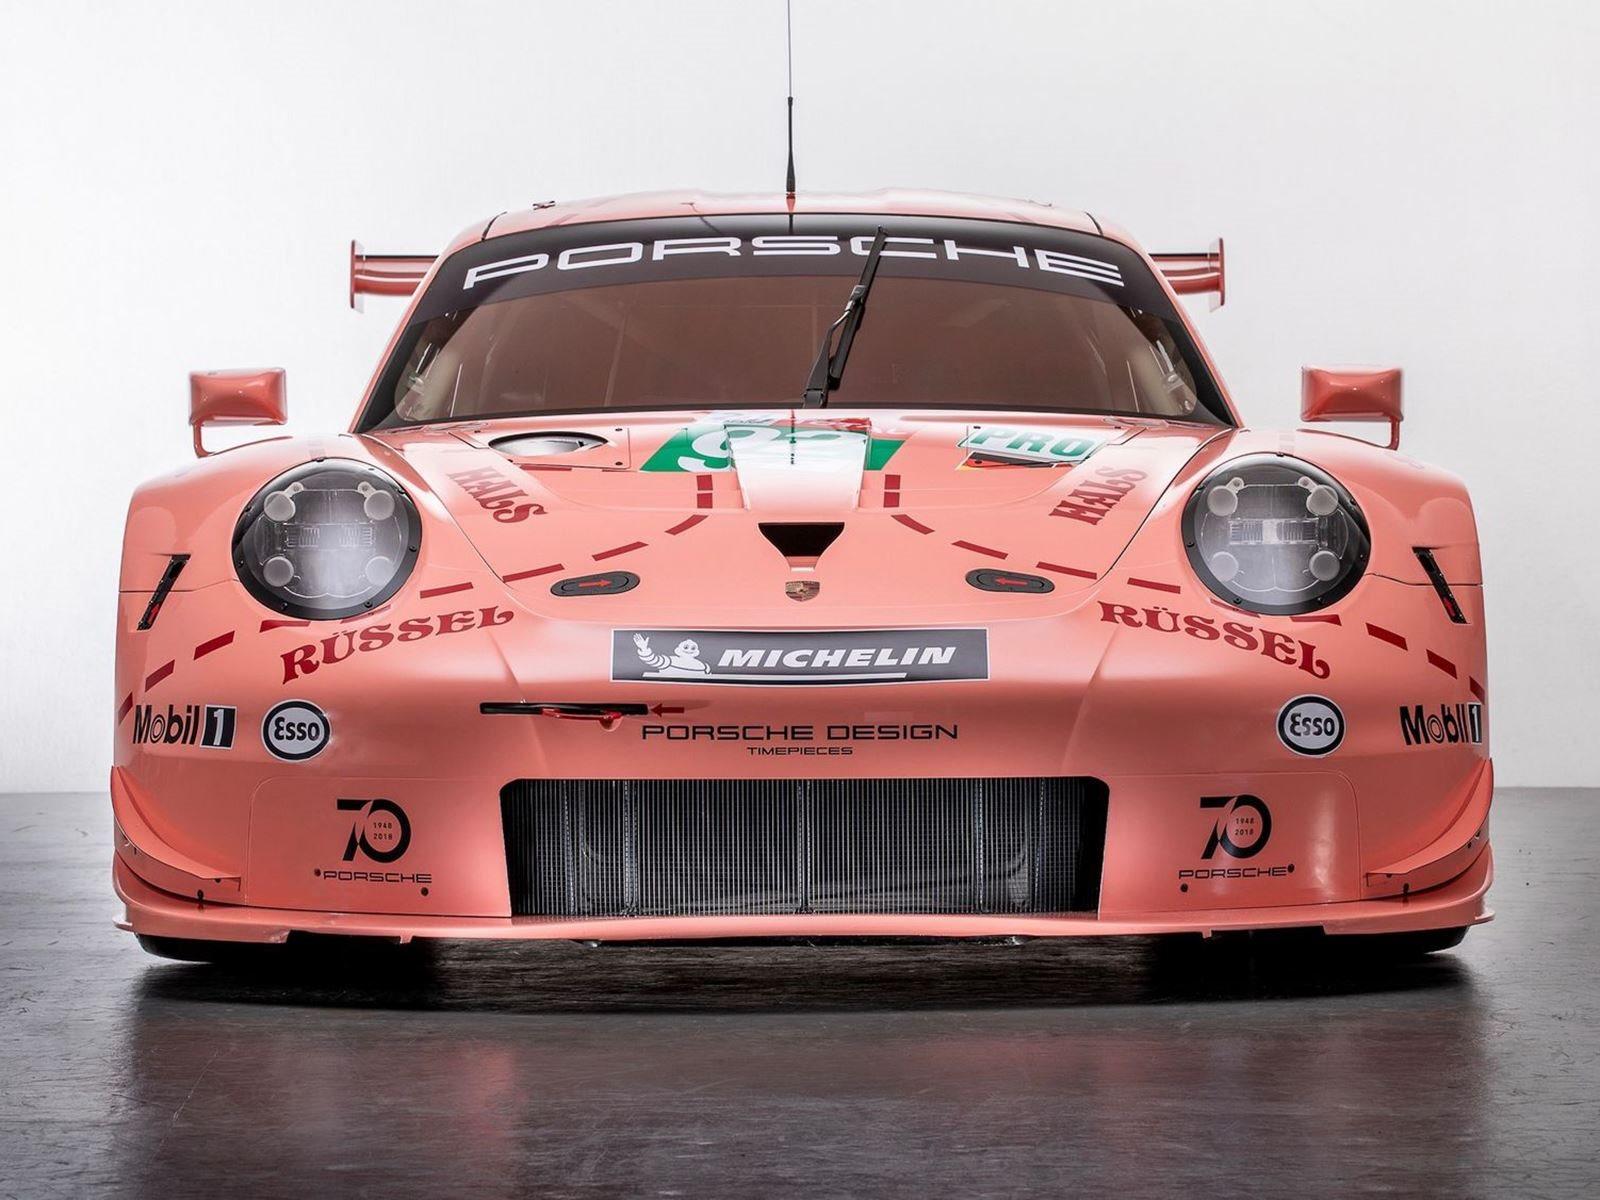 Porsche даже вытащил чучело свиней из Ikea и раздавал свинину своим поклонникам на гонке. Компания также назвала каждый pitstop  -